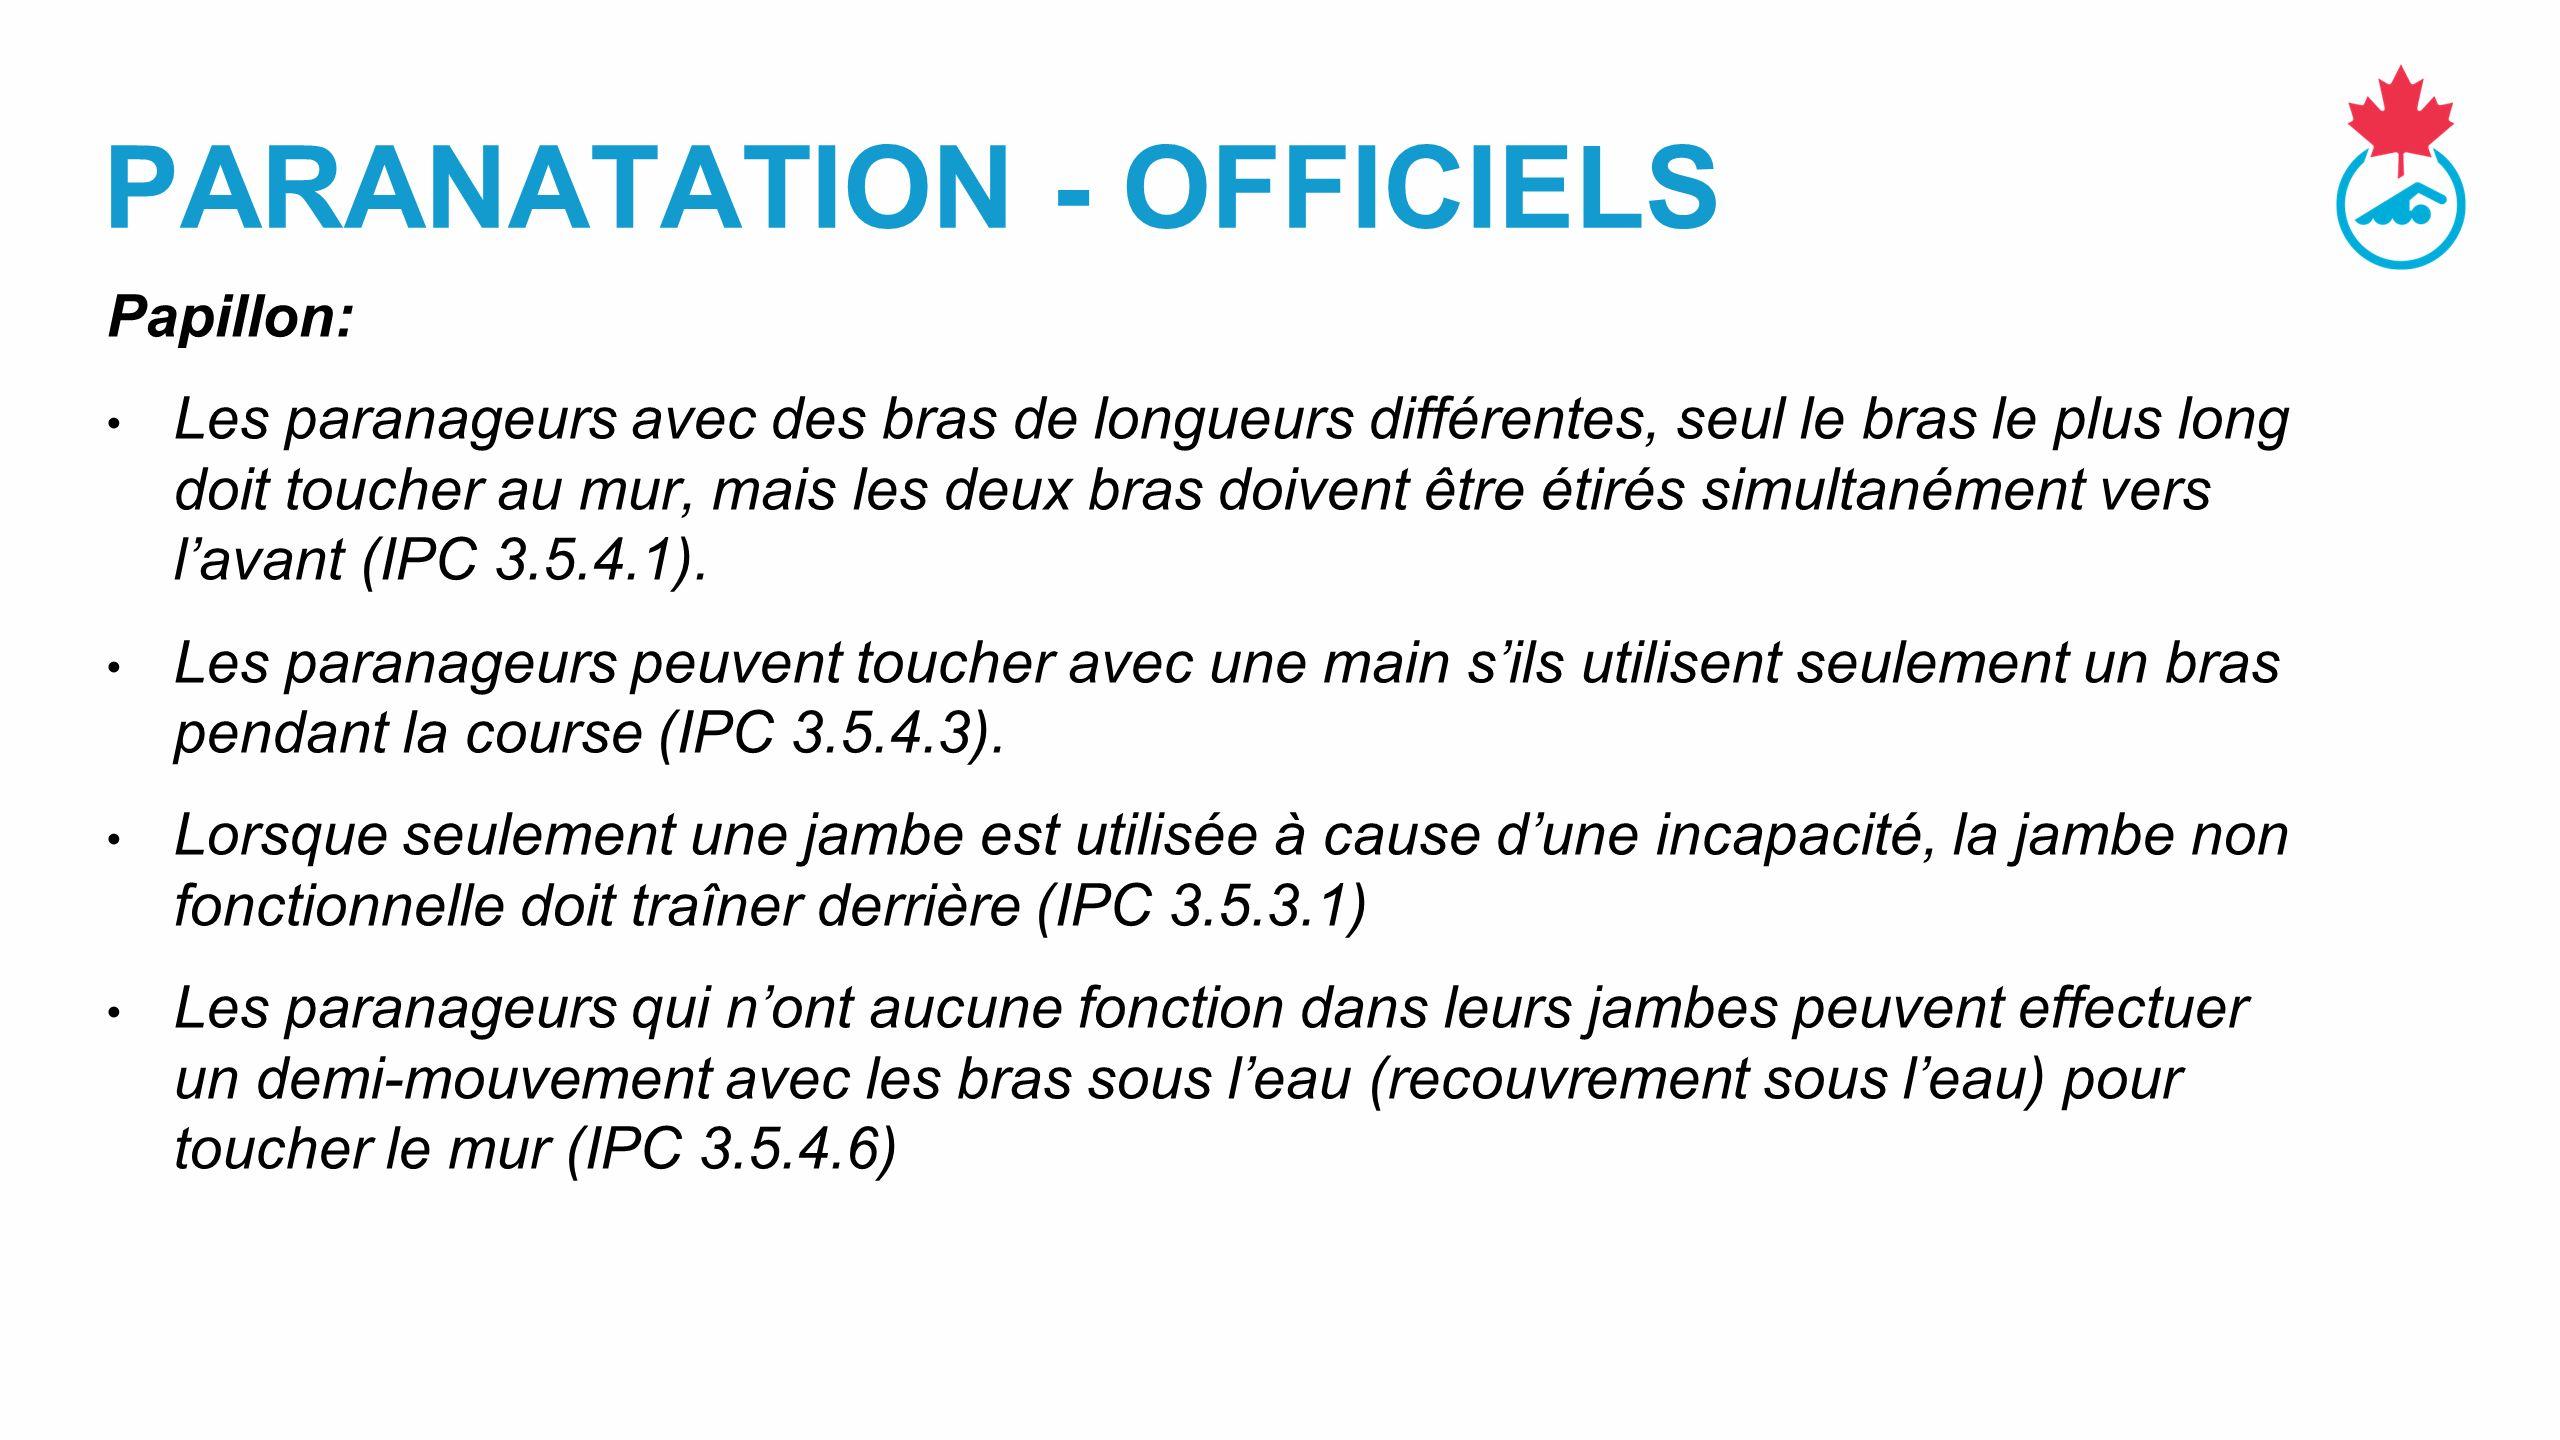 PARANATATION - OFFICIELS